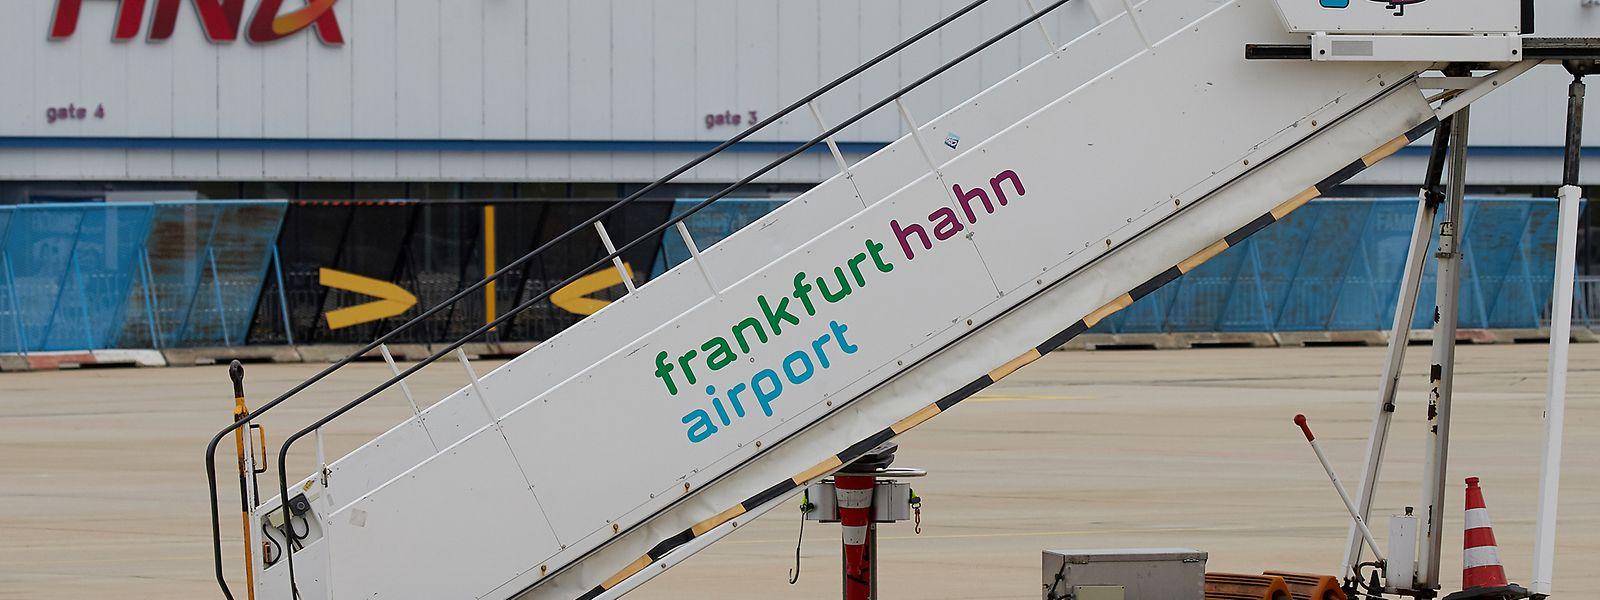 Die Passagierzahlen am Flughafen Hahn sinken weiter.